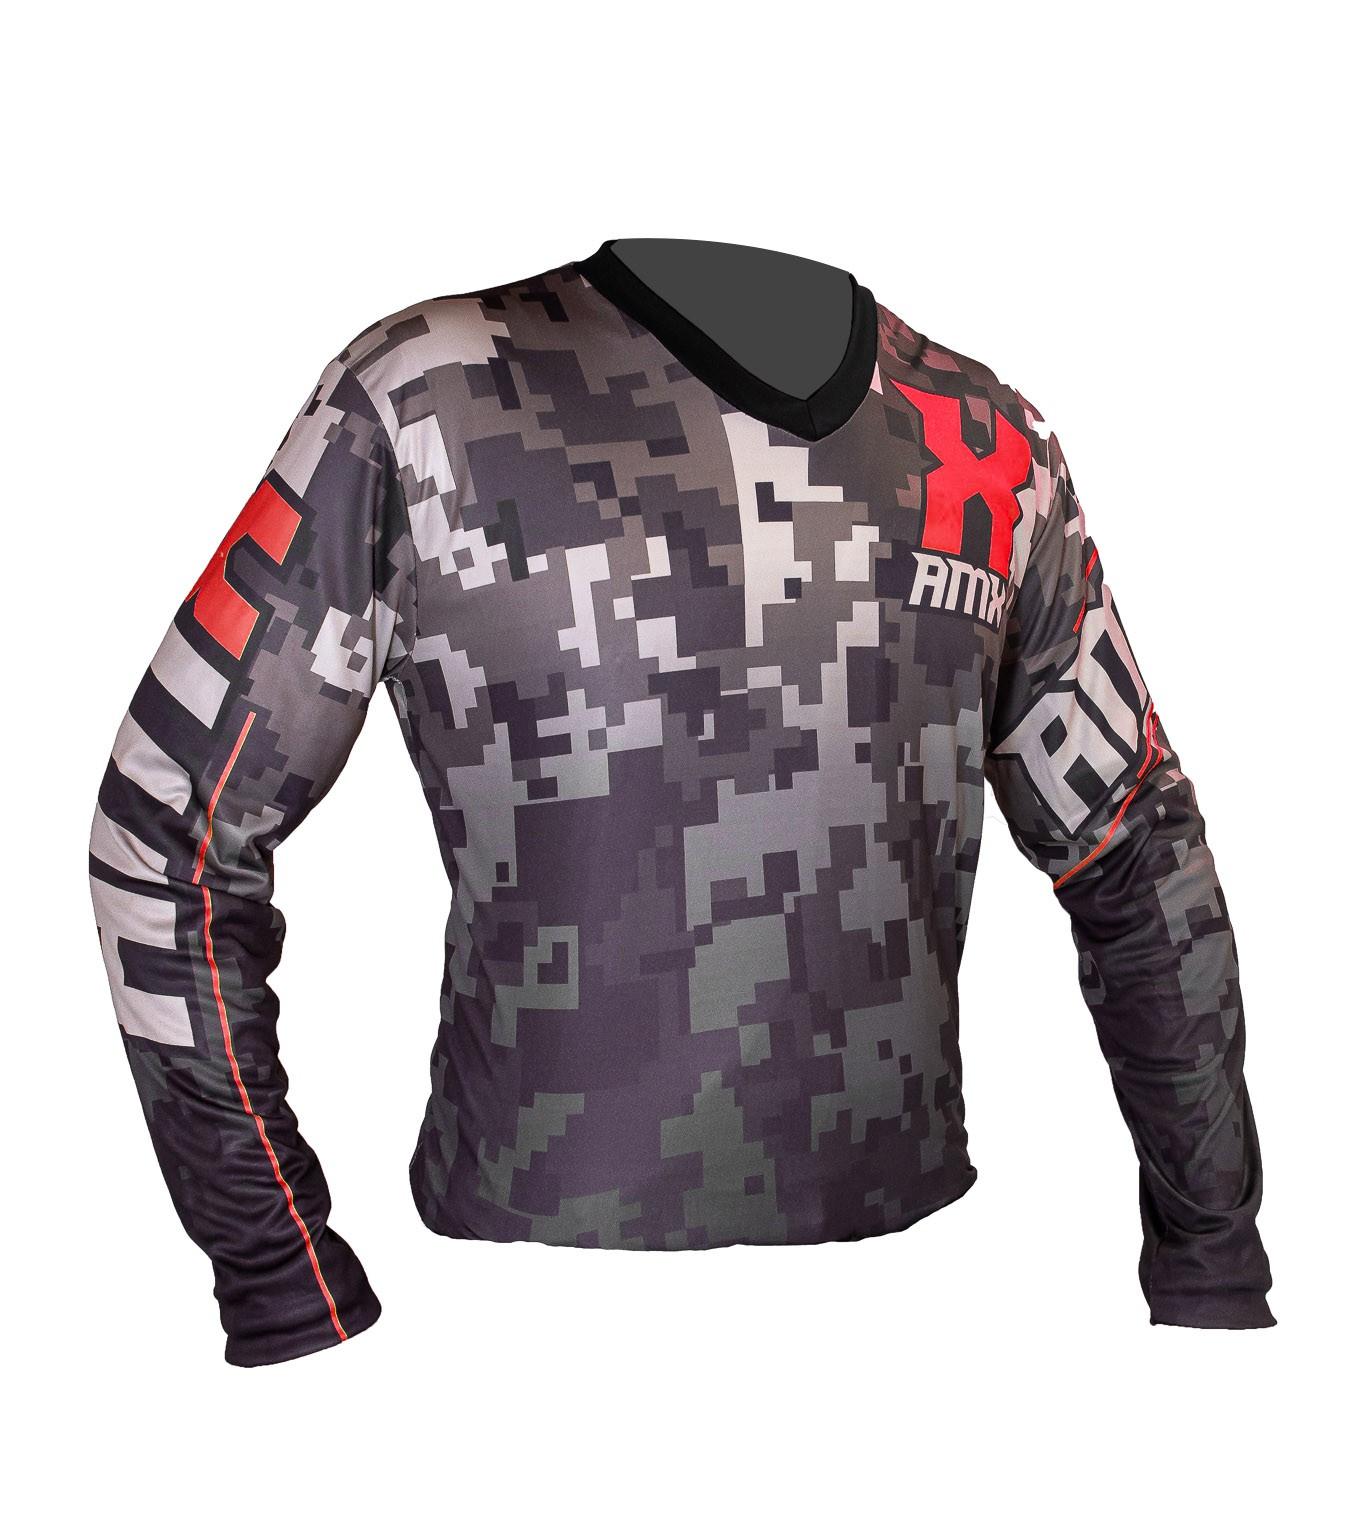 Camisa Amx Camuflada Trilha Motocross Vermelho